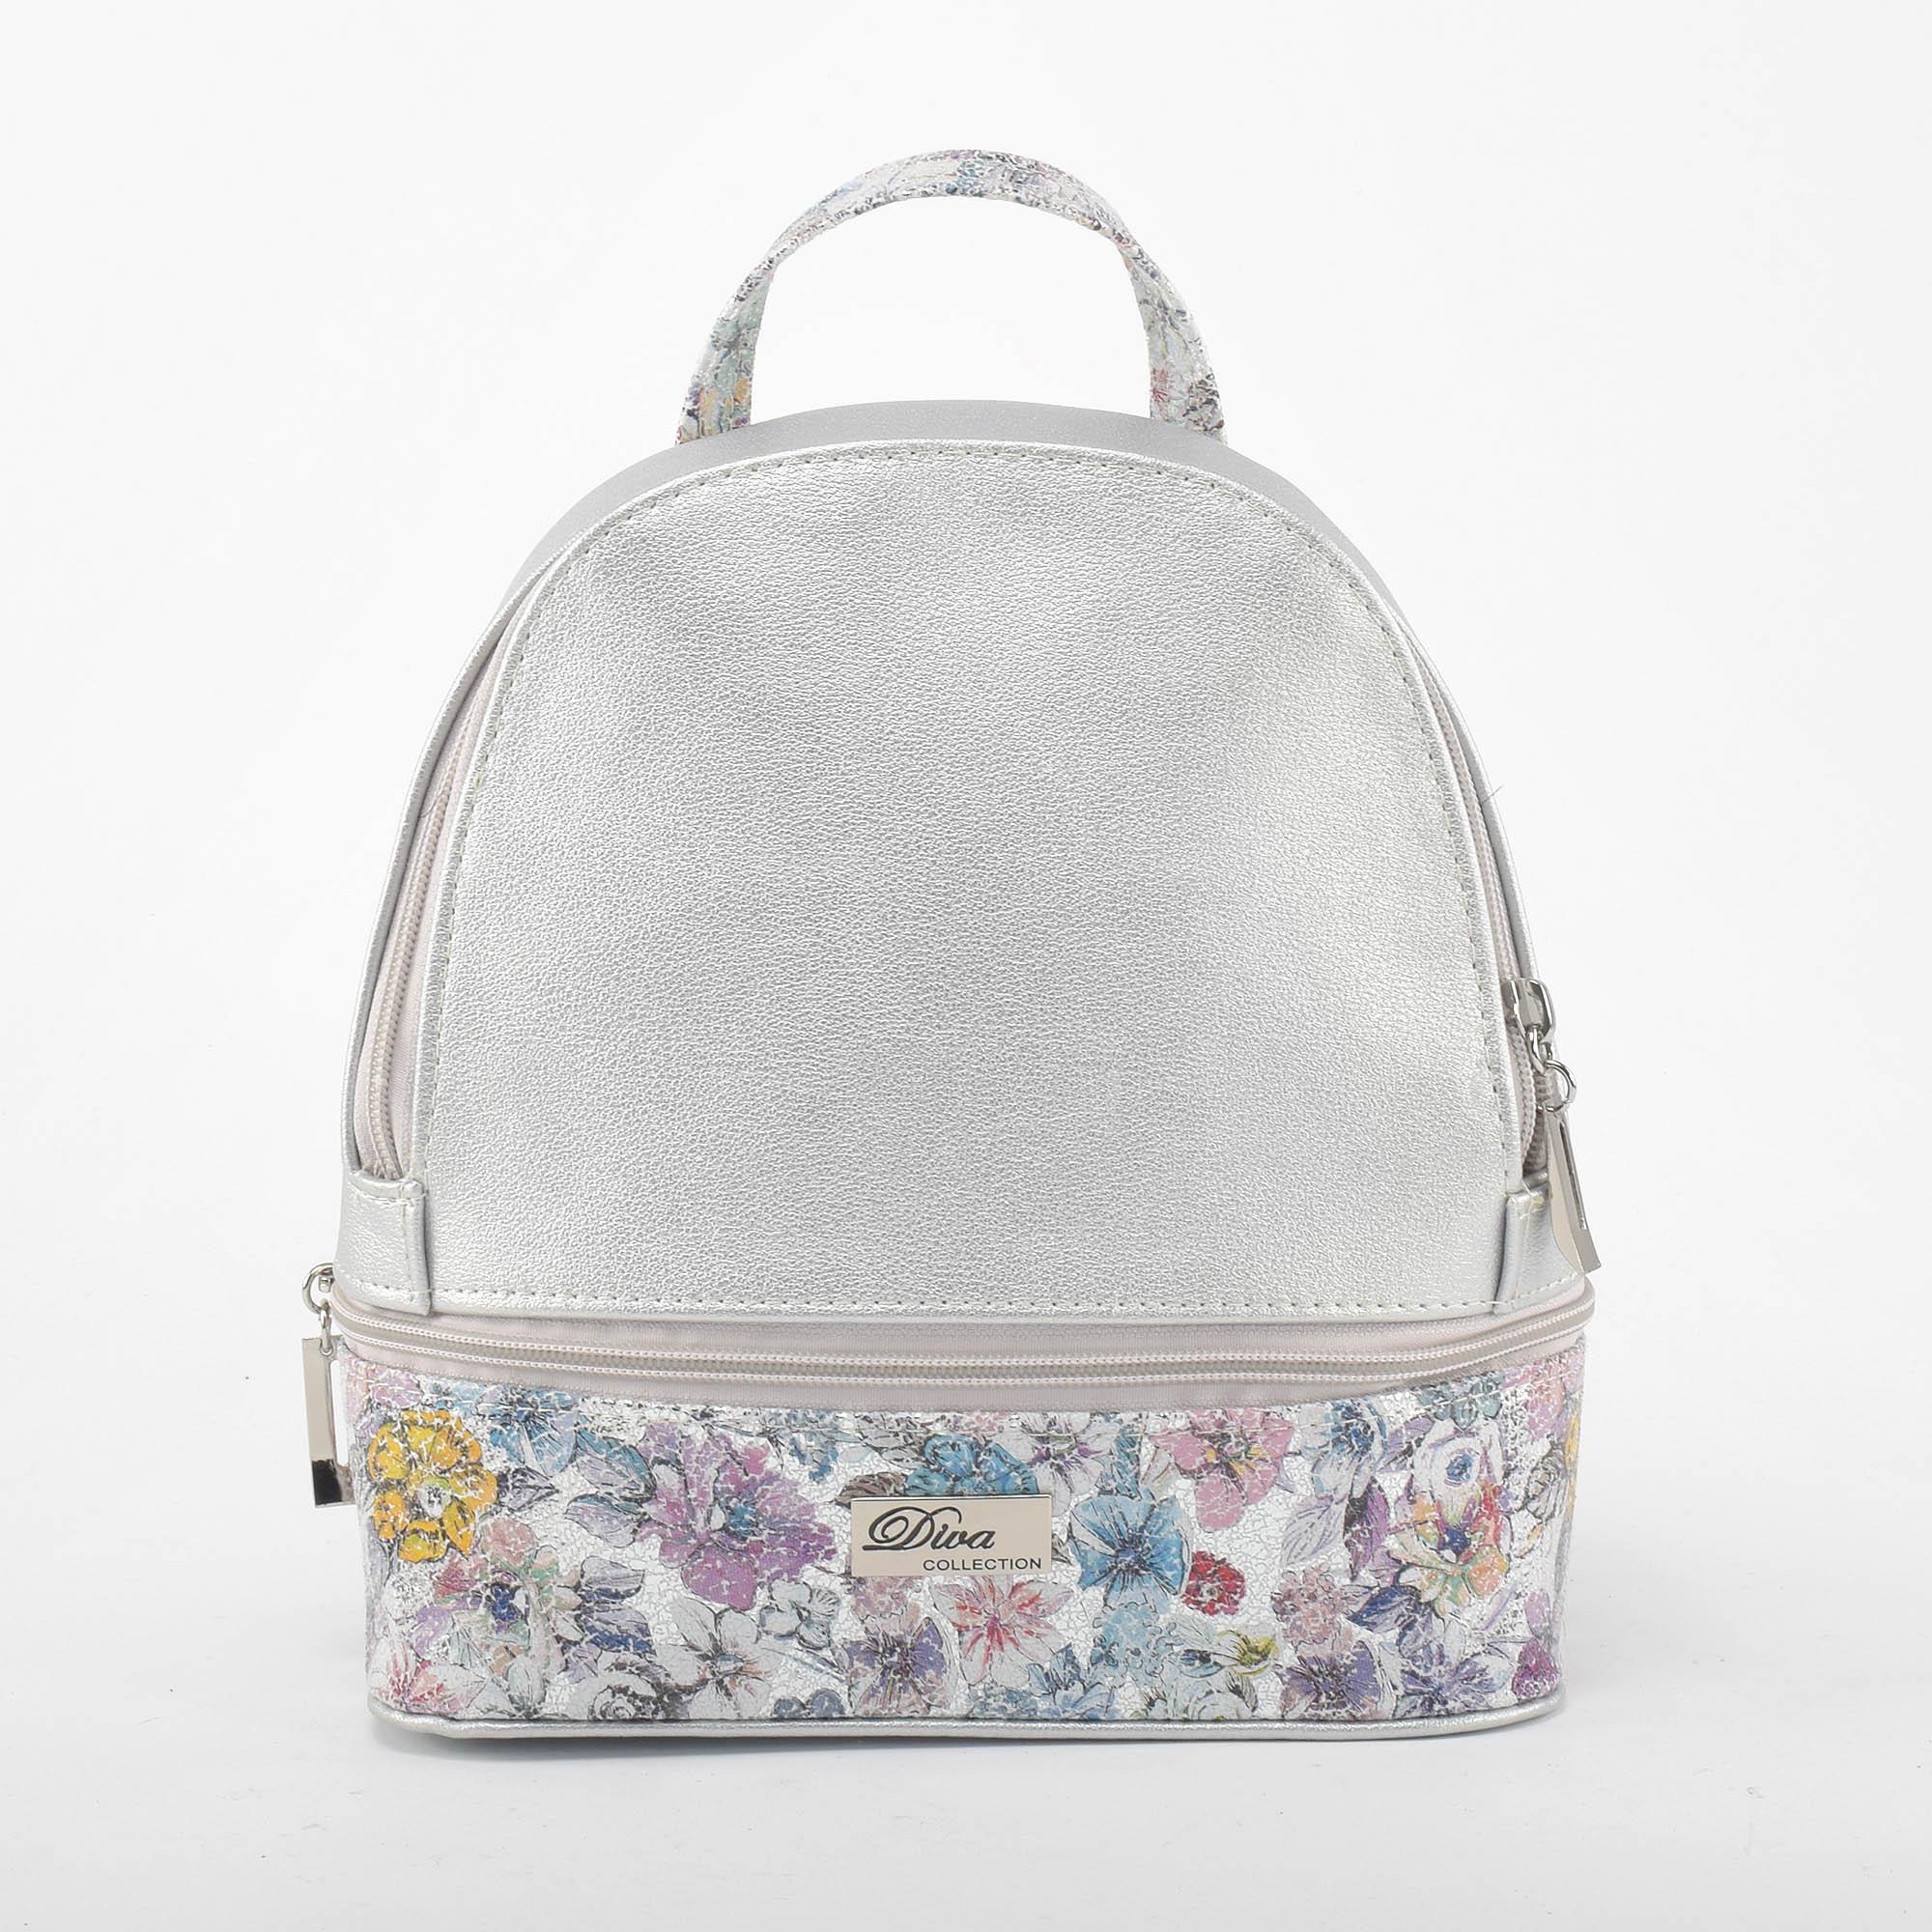 4e093a2c9d Diva Női Ezüst virágos Műbőr Hátizsák - Műbőr - Táska webáruház - Minőségi  táskák mindenkinek